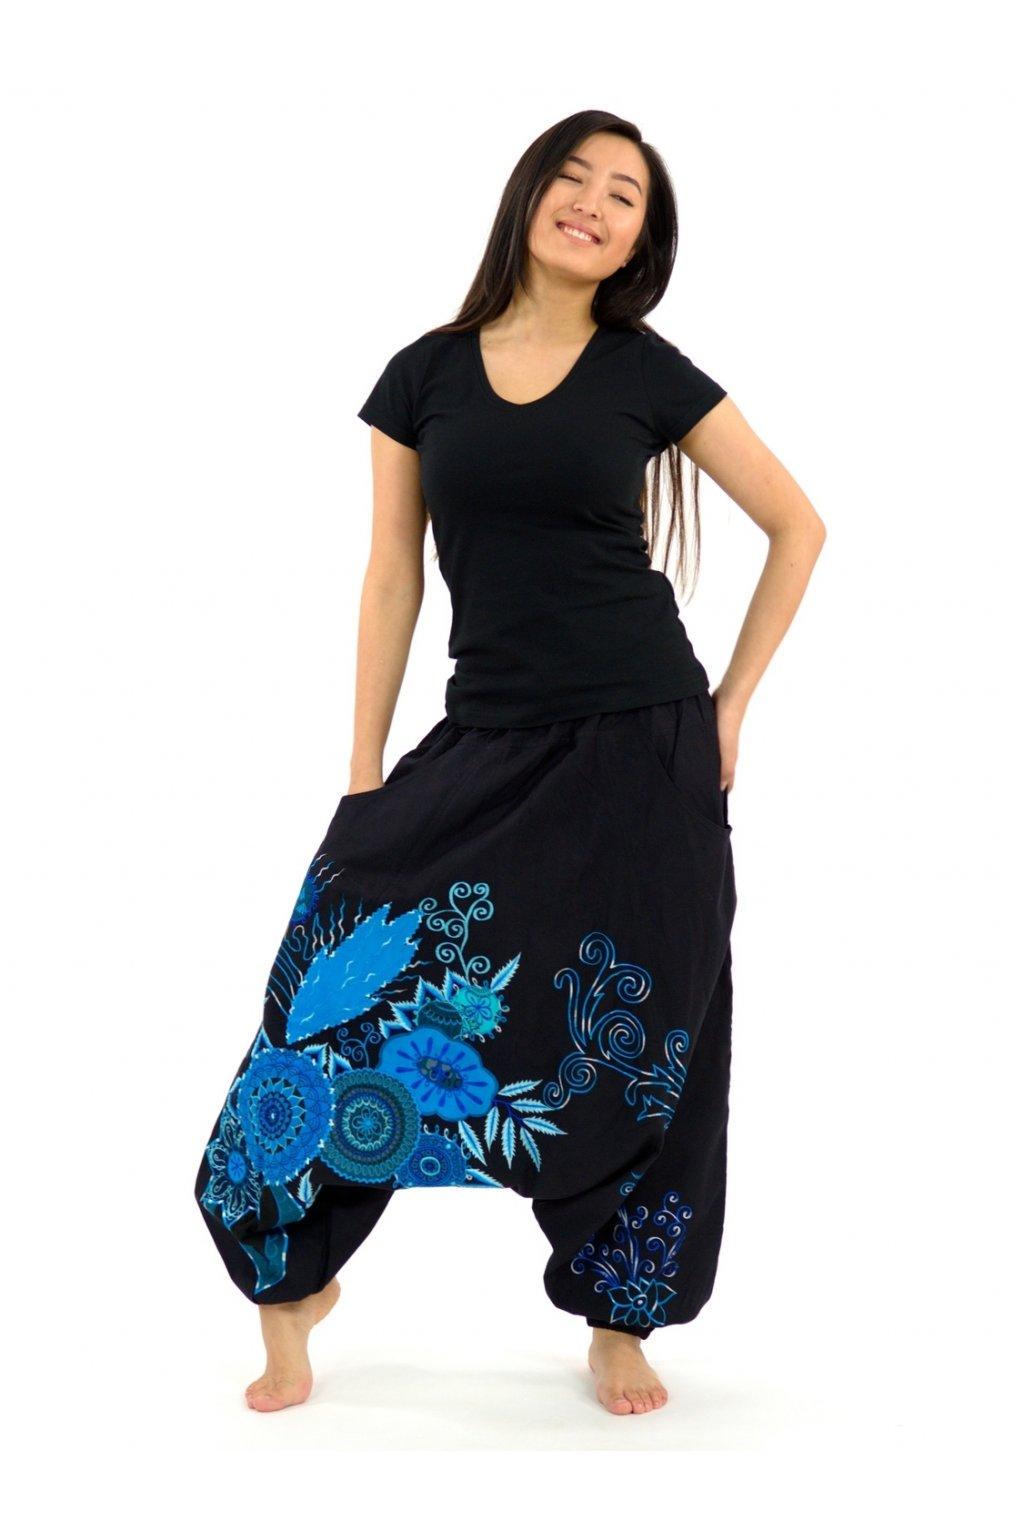 Teplejší harémové kalhoty Asmita  - černé s tyrkysovou